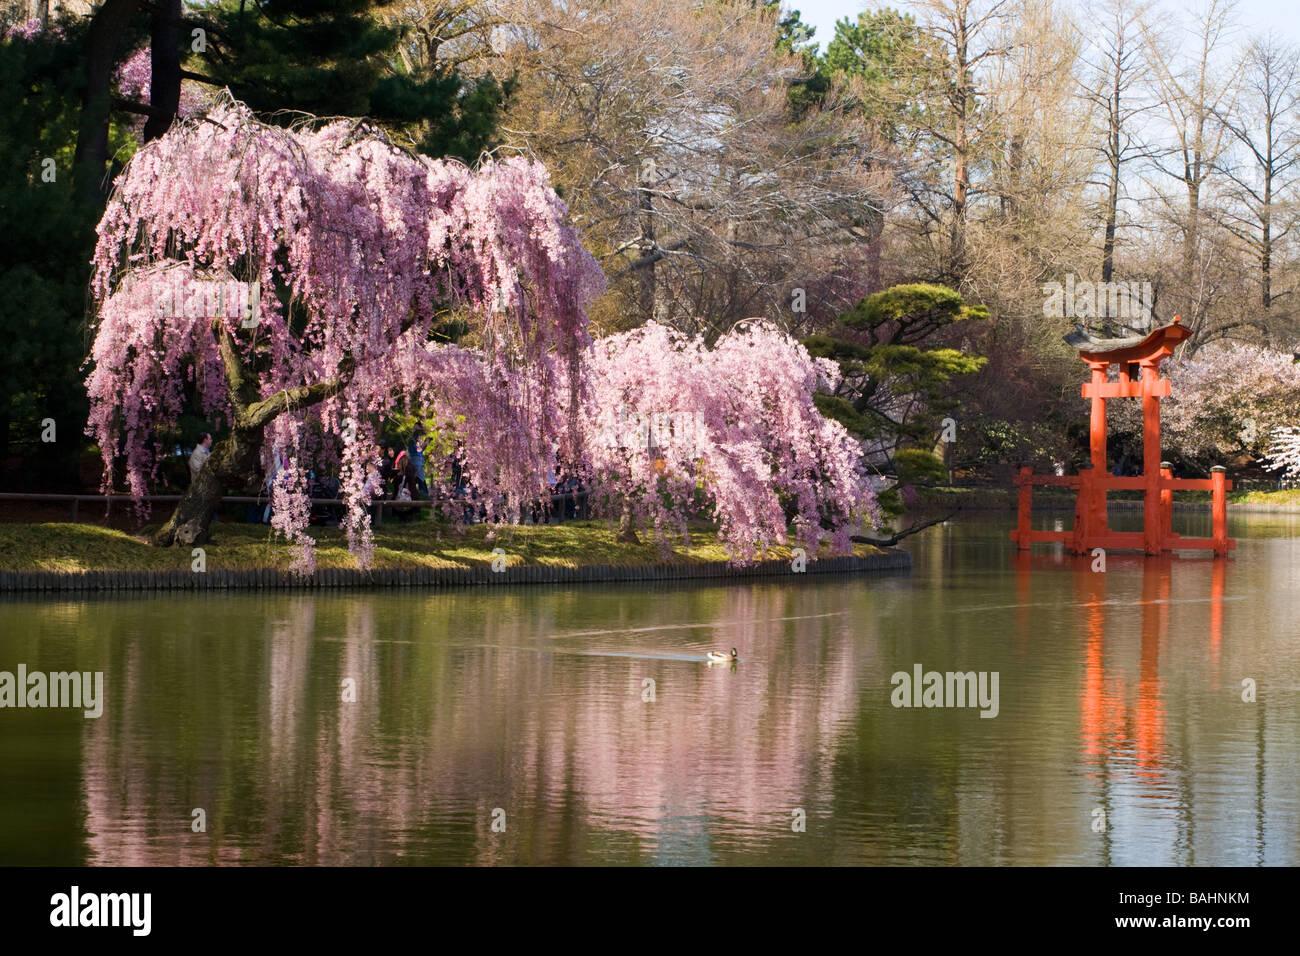 Brooklyn botanical garden stock photos brooklyn - Brooklyn botanical garden free admission ...